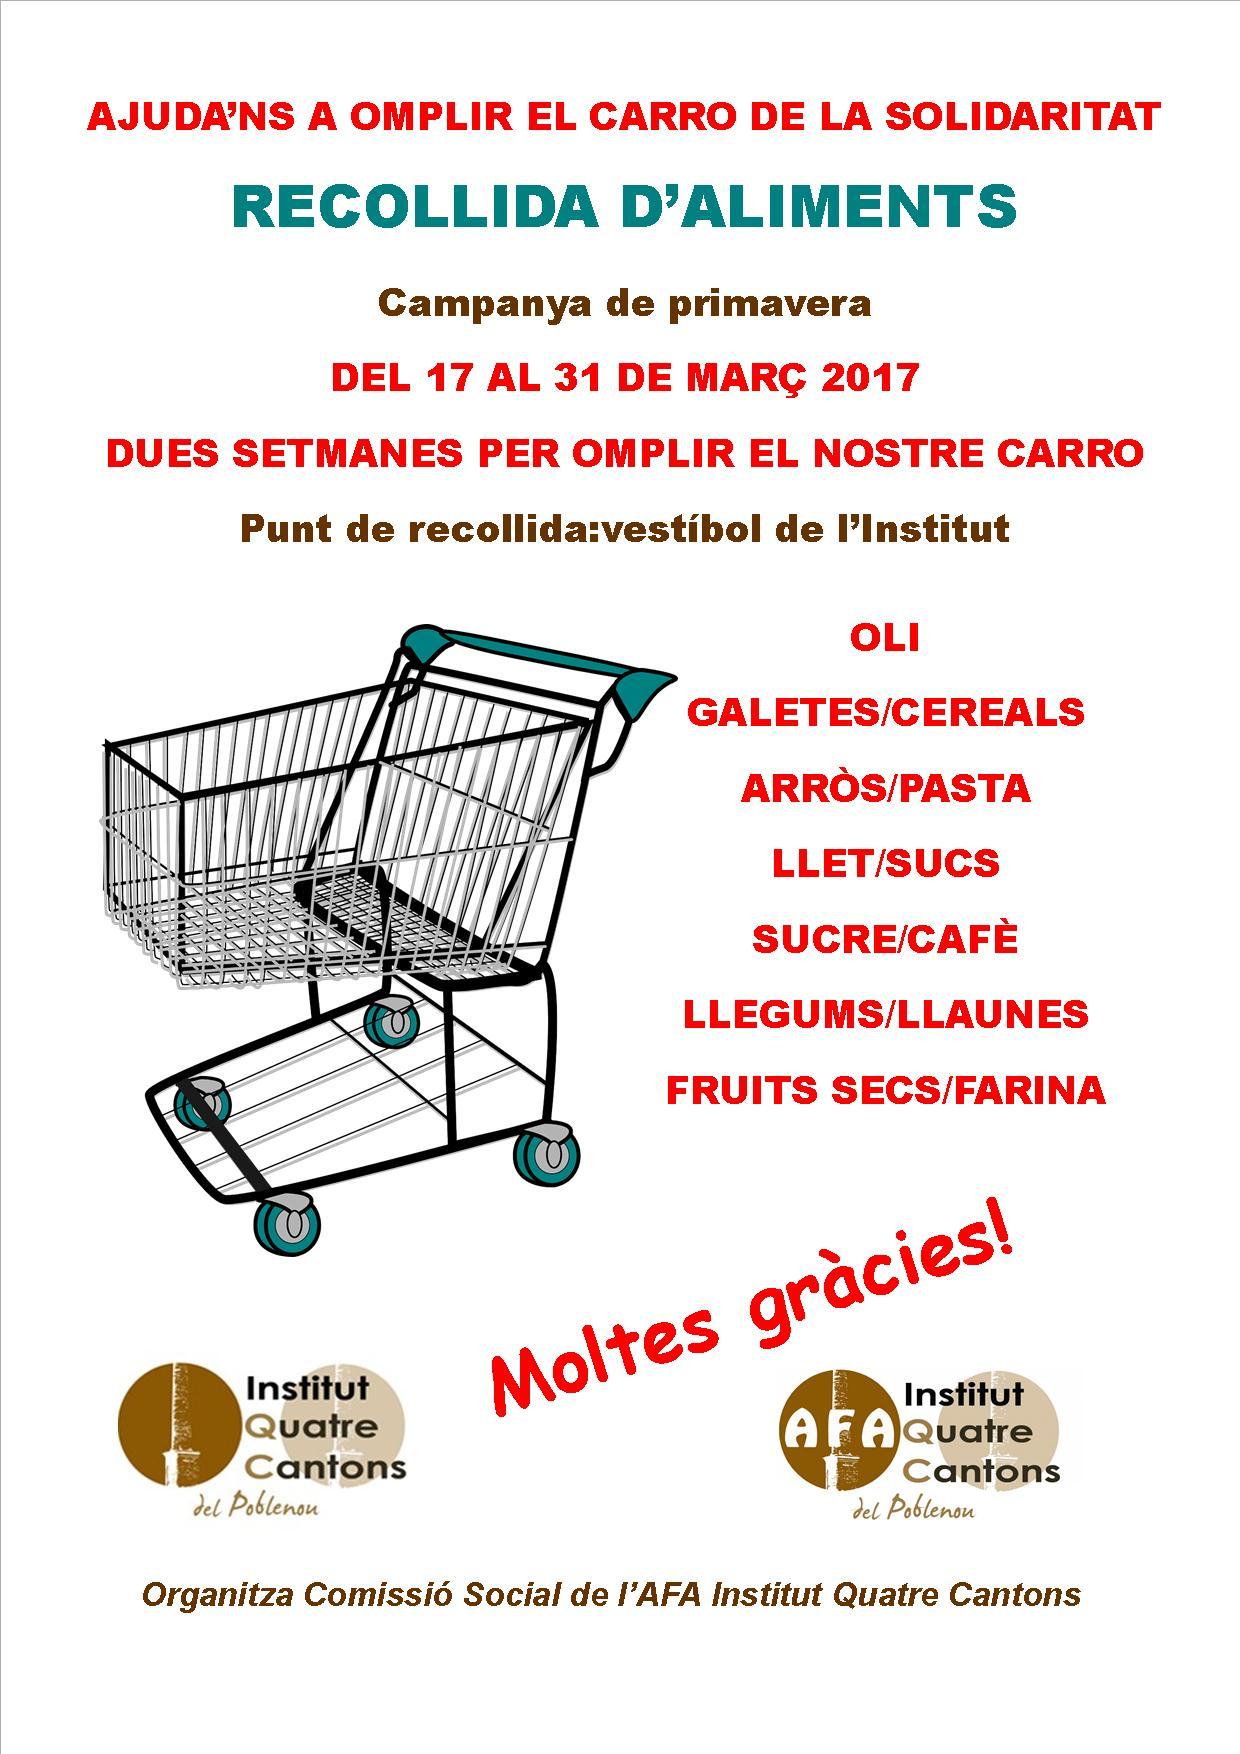 Campanya de primavera de recollida d'aliments